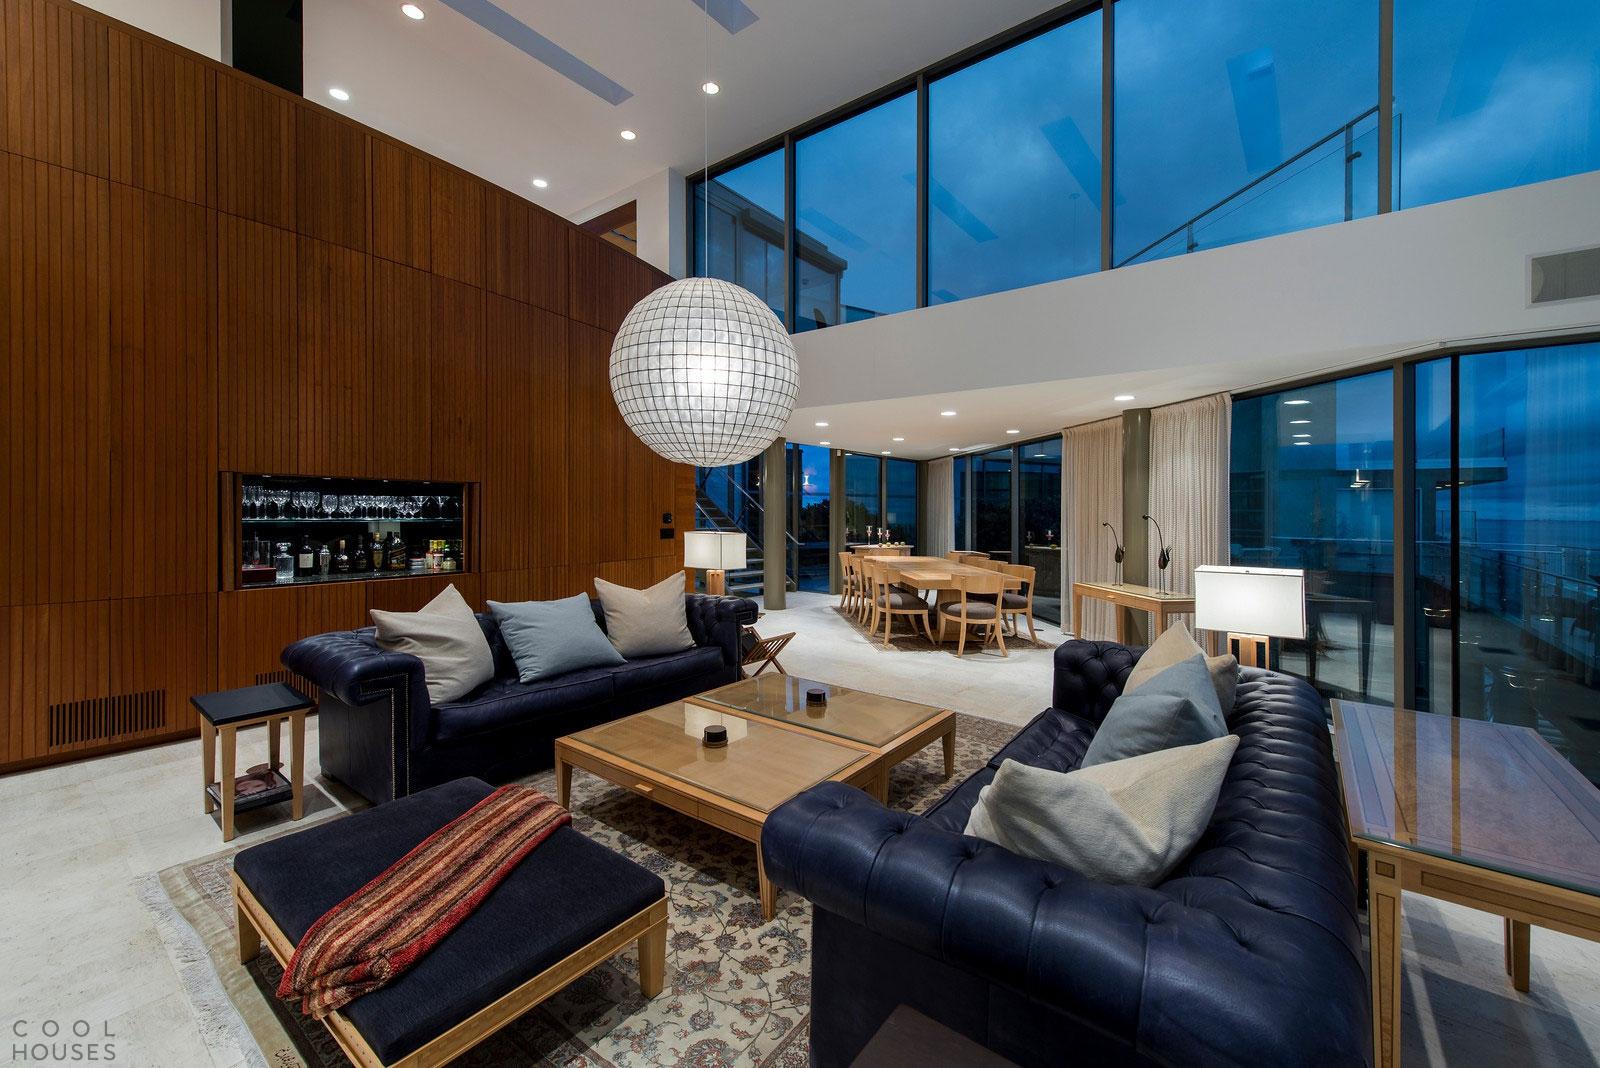 Шикарный современный дом в Малибу, штат Калифорния